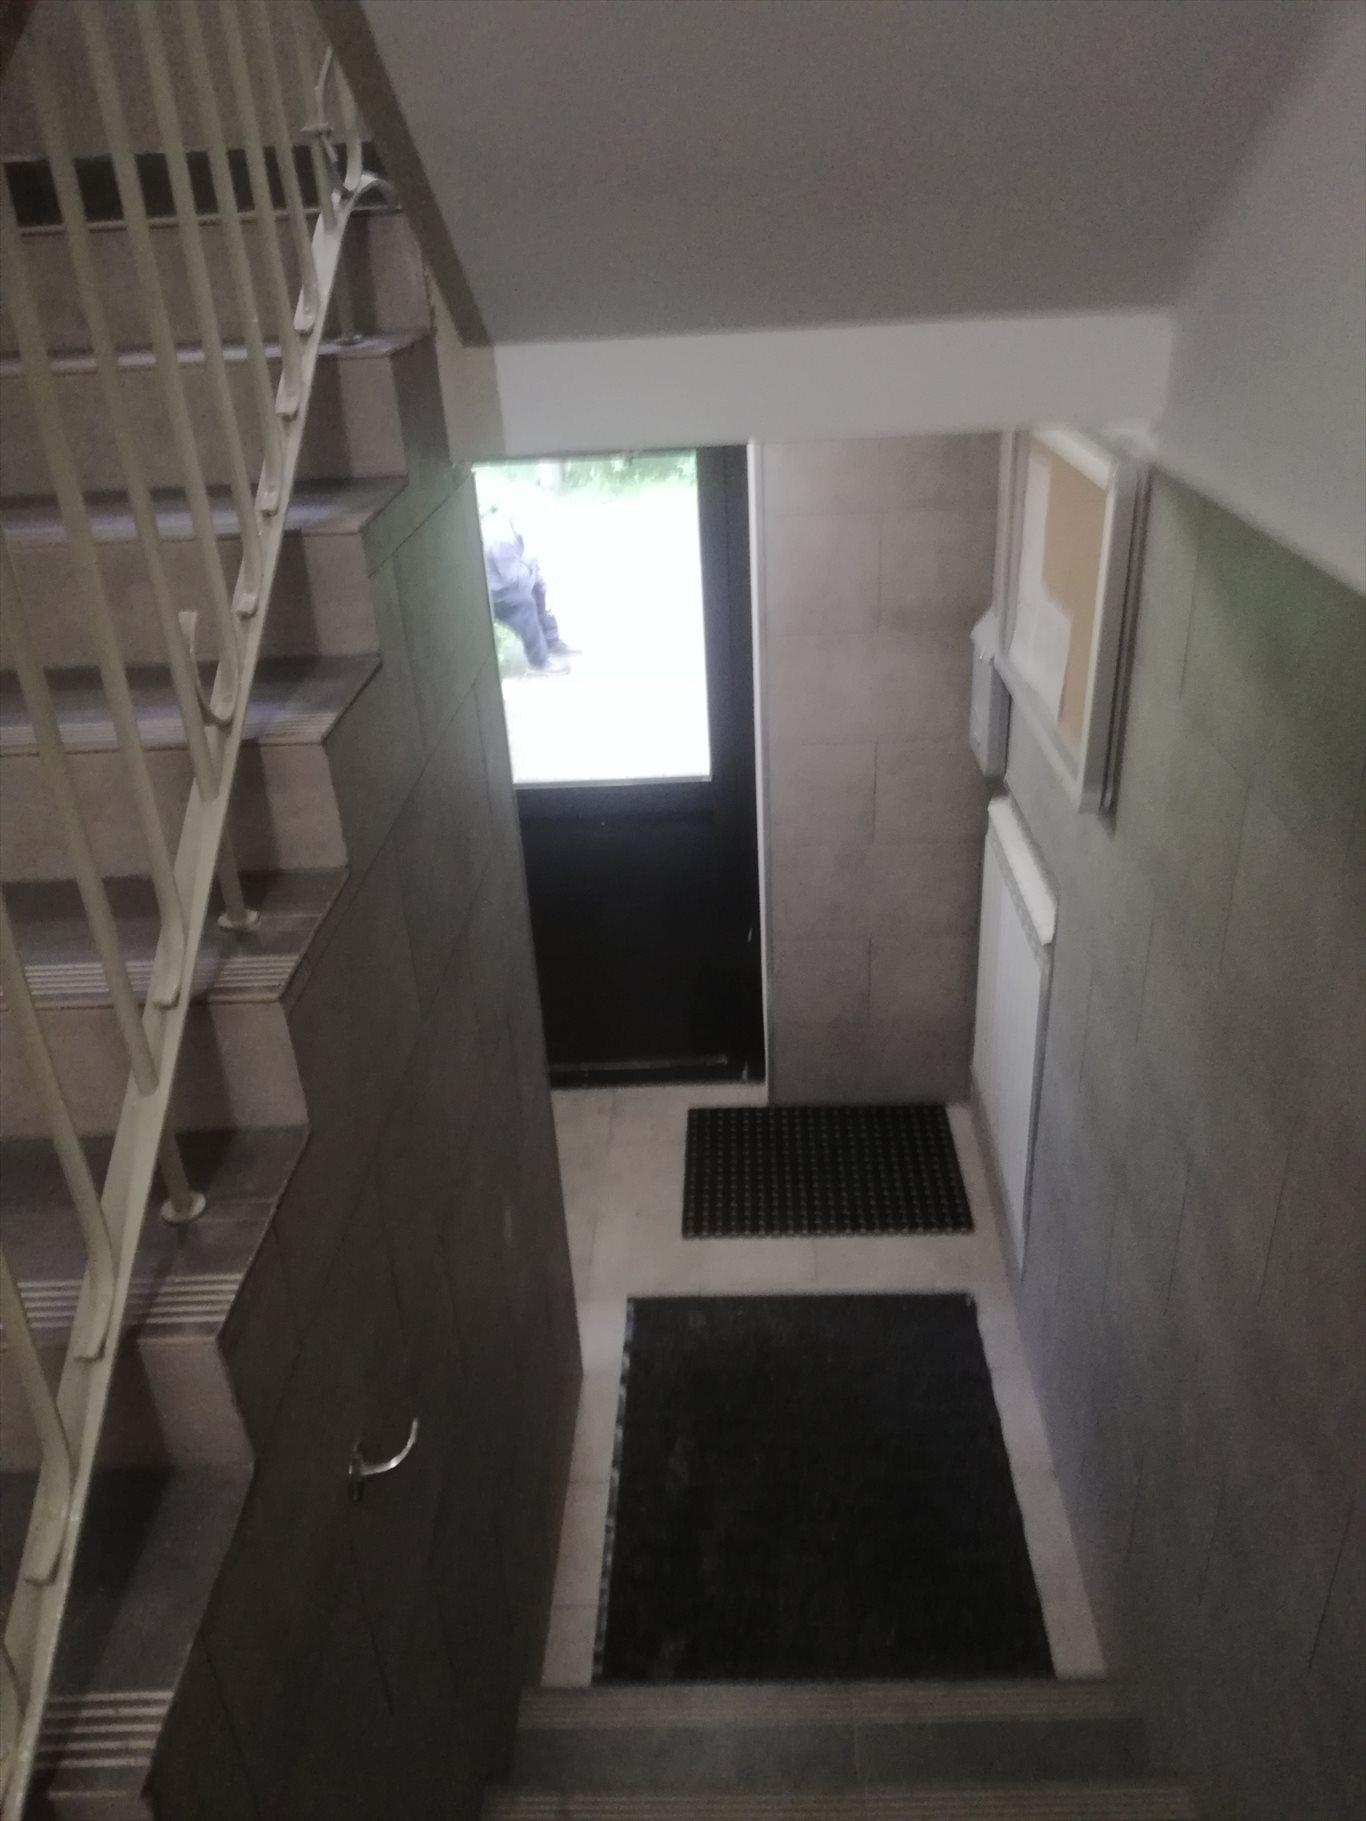 Mieszkanie dwupokojowe na sprzedaż Kraków, Nowa Huta, osiedle Wandy  44m2 Foto 13